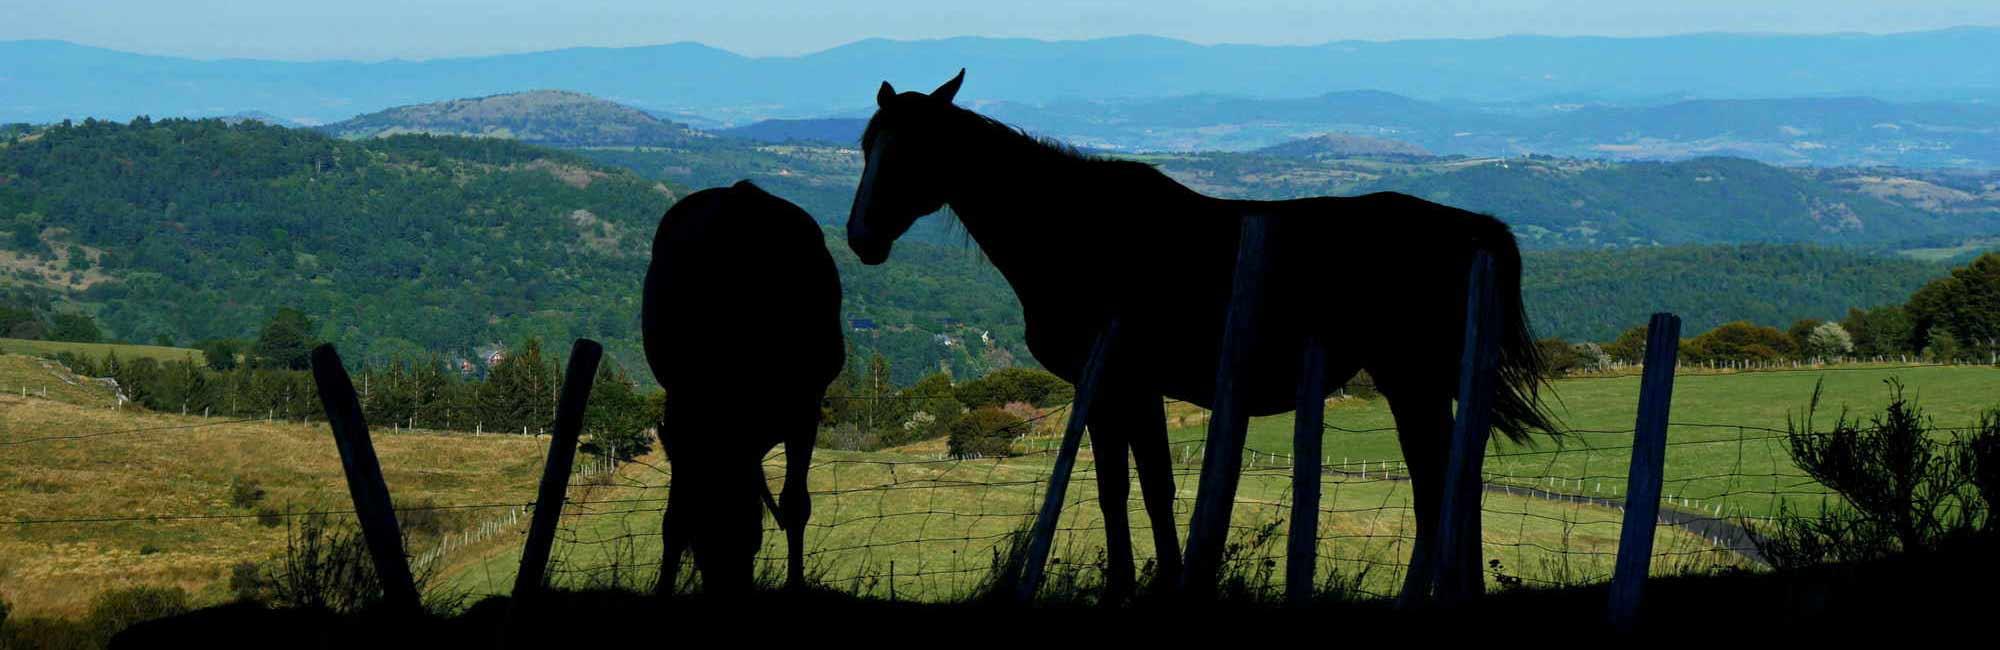 Pferde in der Landschaft